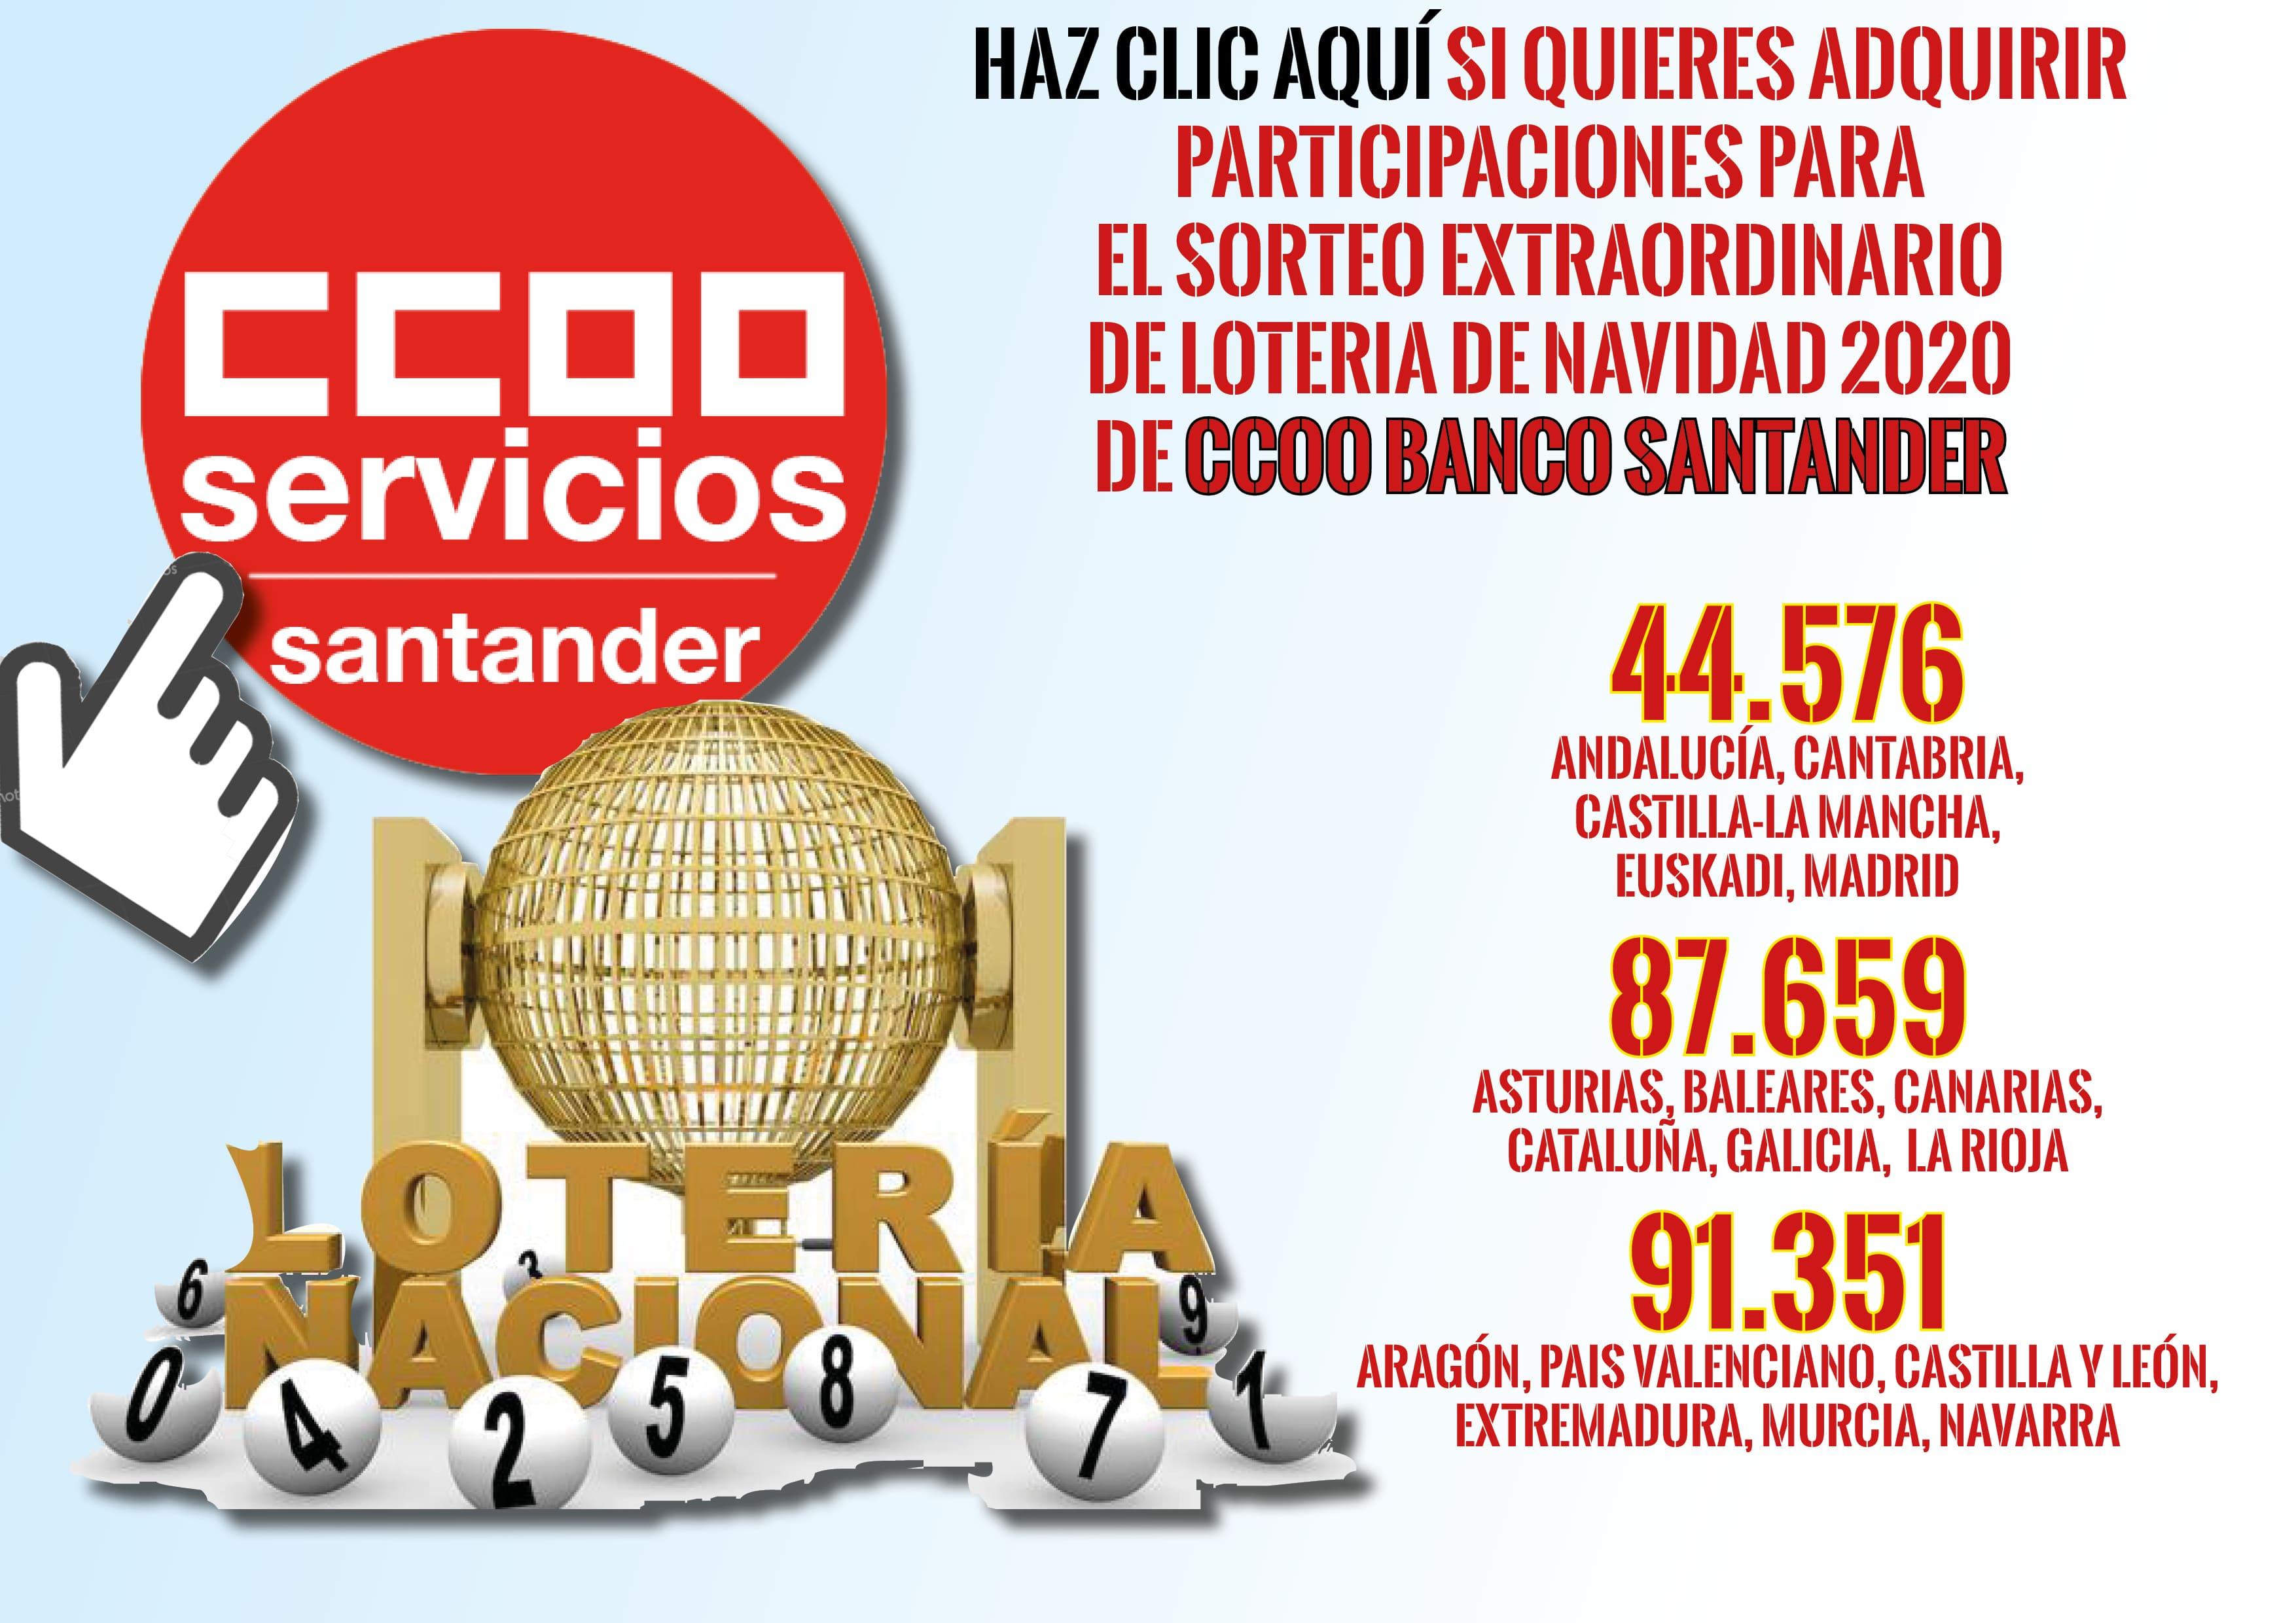 HAZ CLIC AQUI PARA COMPRAR LOTERIA DE NAVIDAD